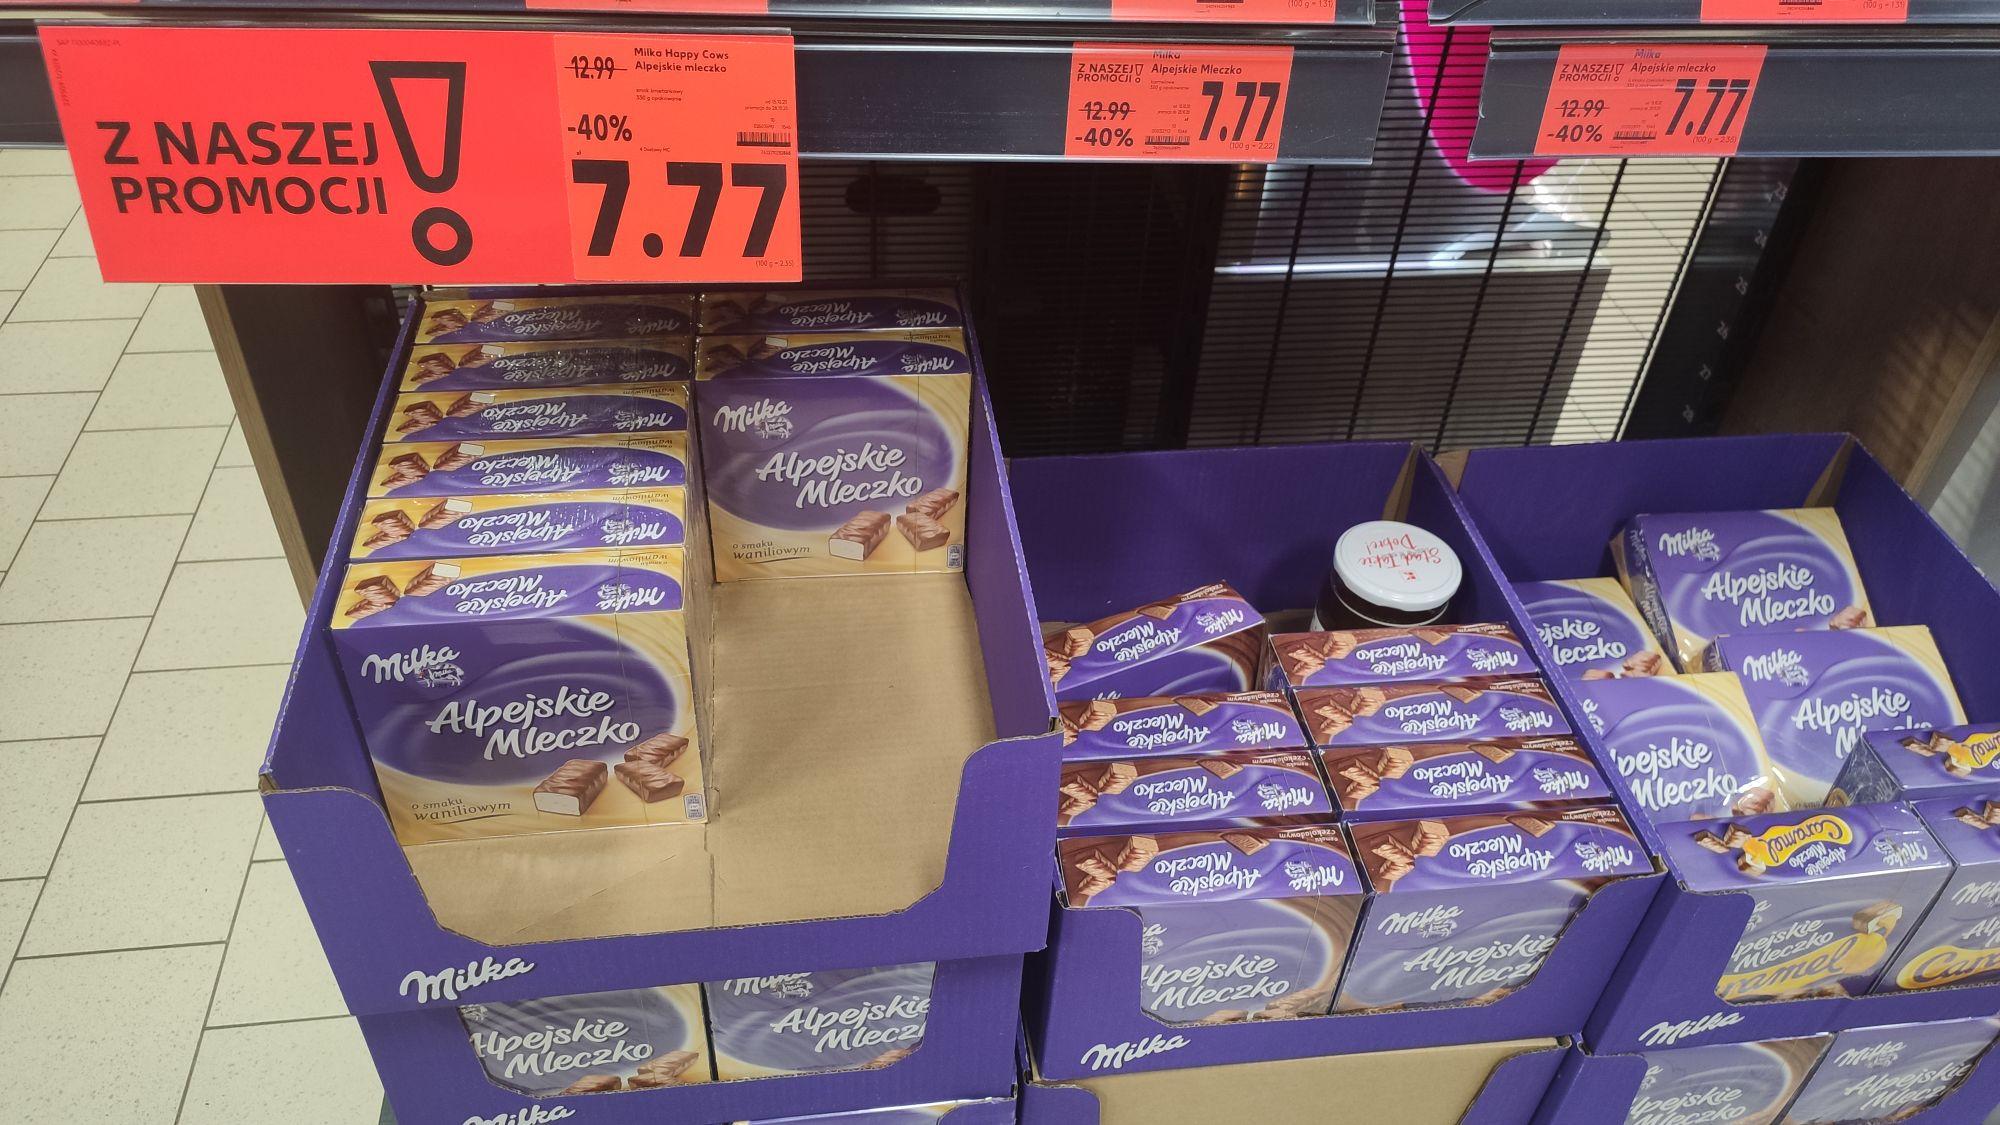 Alpejskie mleczko, kaufland -40%, 7,77zł